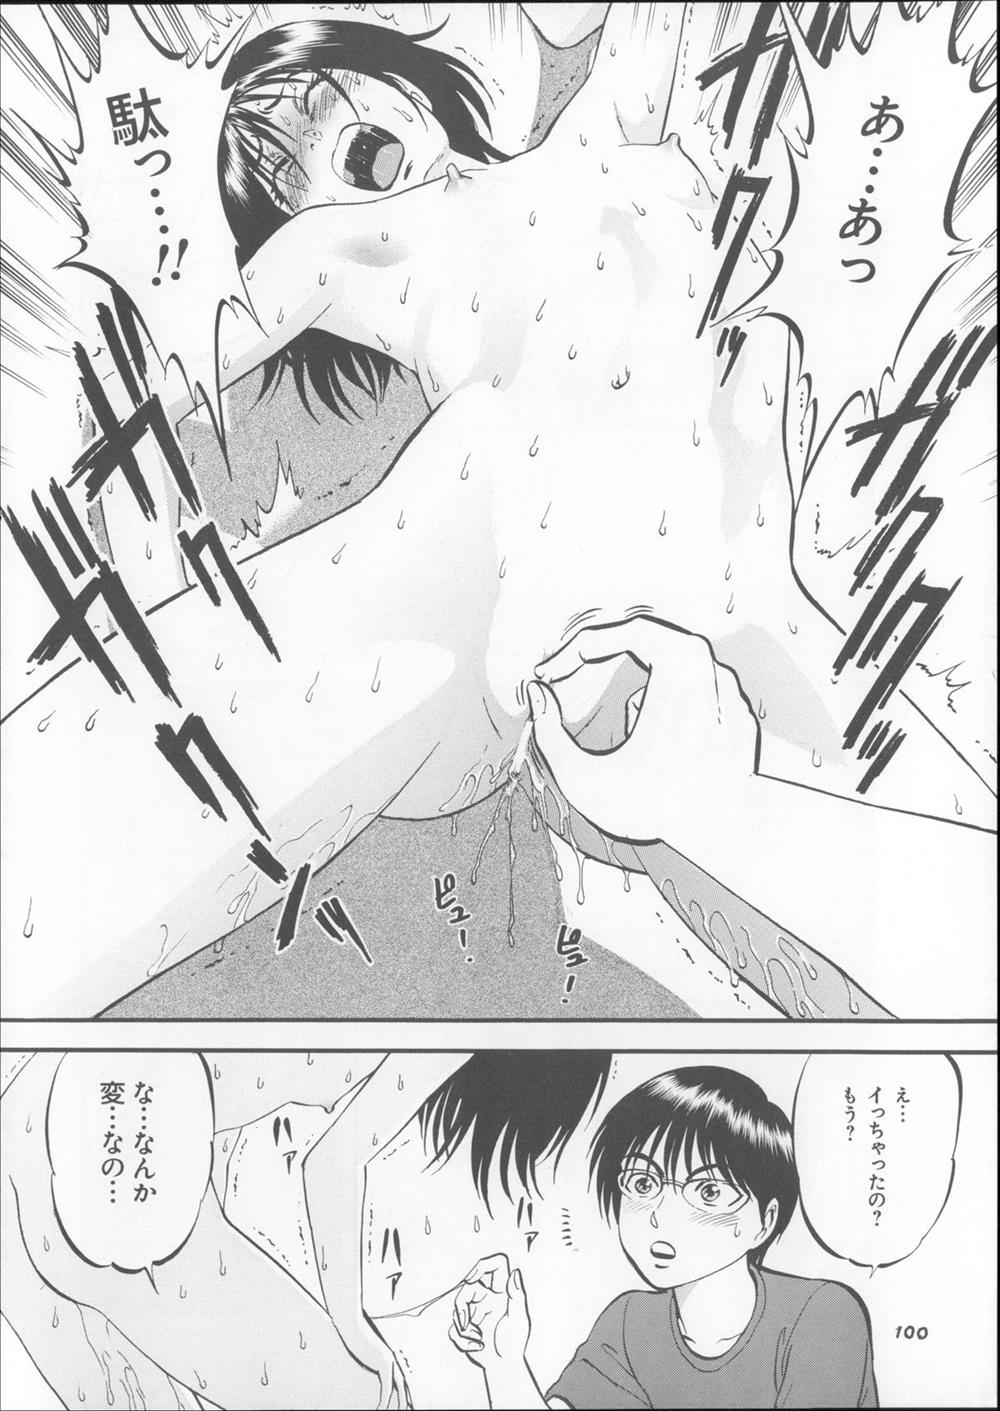 クリトリスの皮を剥かれて敏感になった女の子www同級生にいたずらされまくるwww【エロ漫画・エロ同人】 (99)